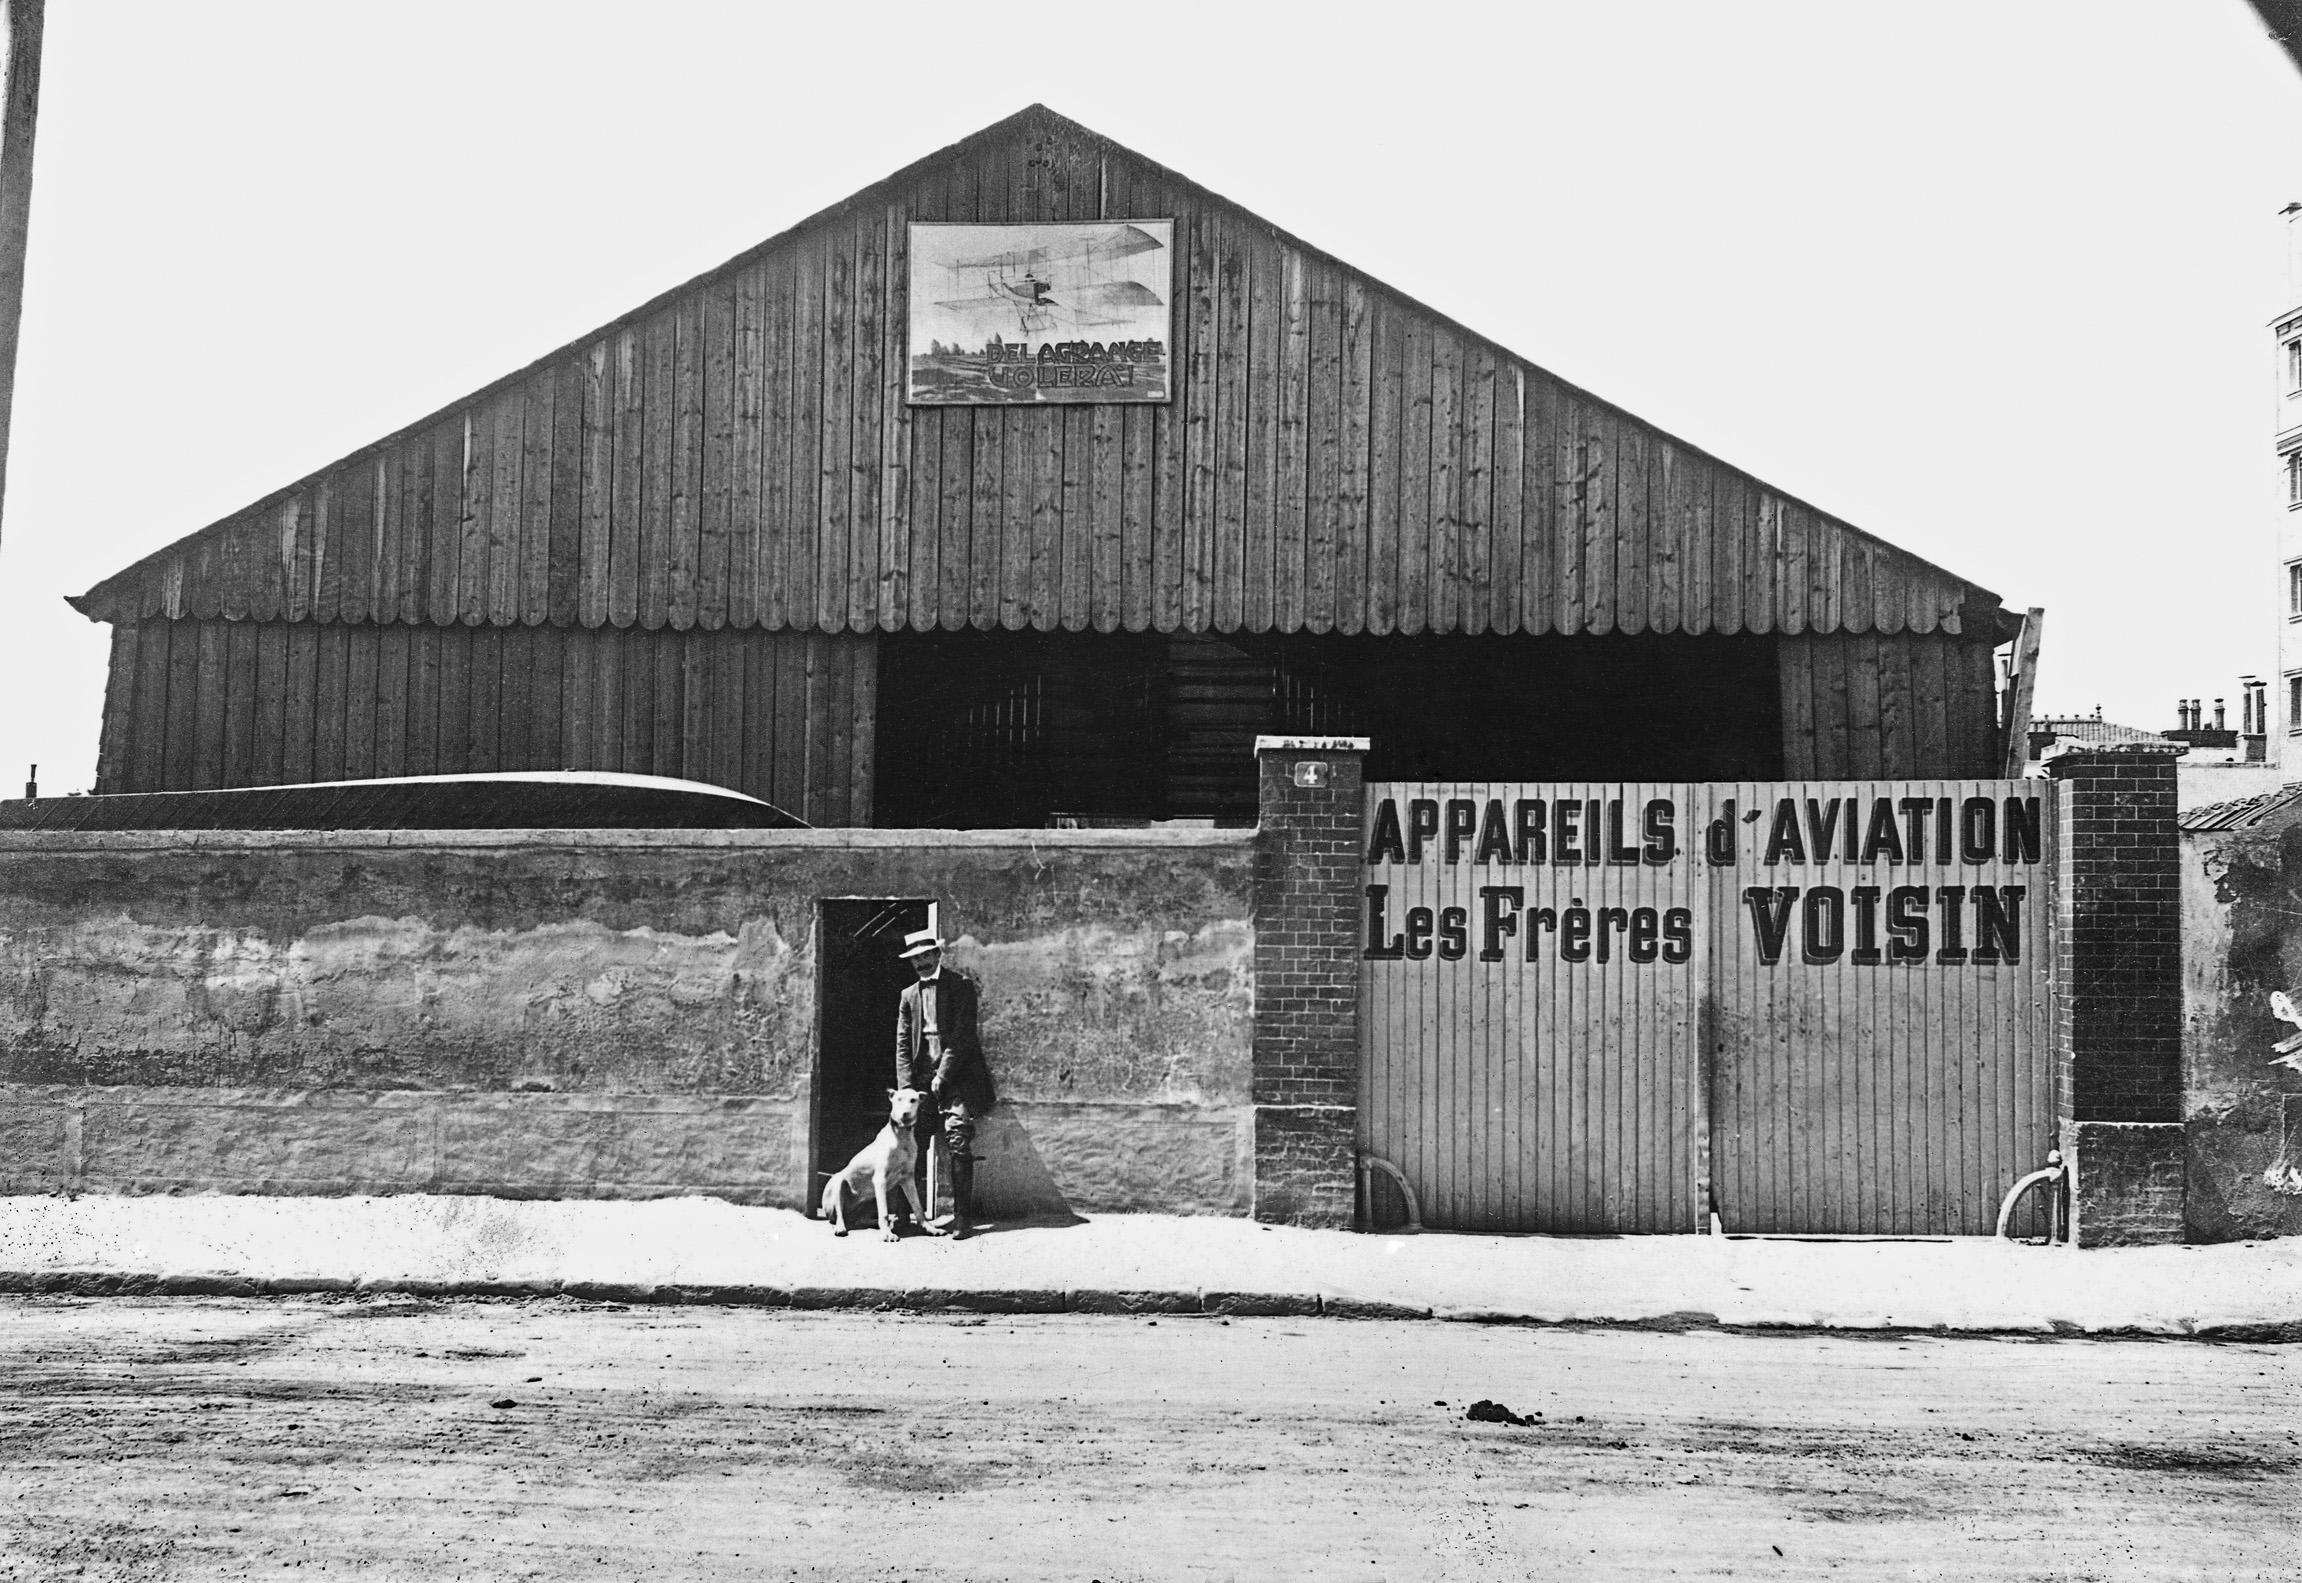 Charles Voisin et le chien Stop, 4 rue de la ferme à Billancourt. Archives municipales de Boulogne-Billancourt